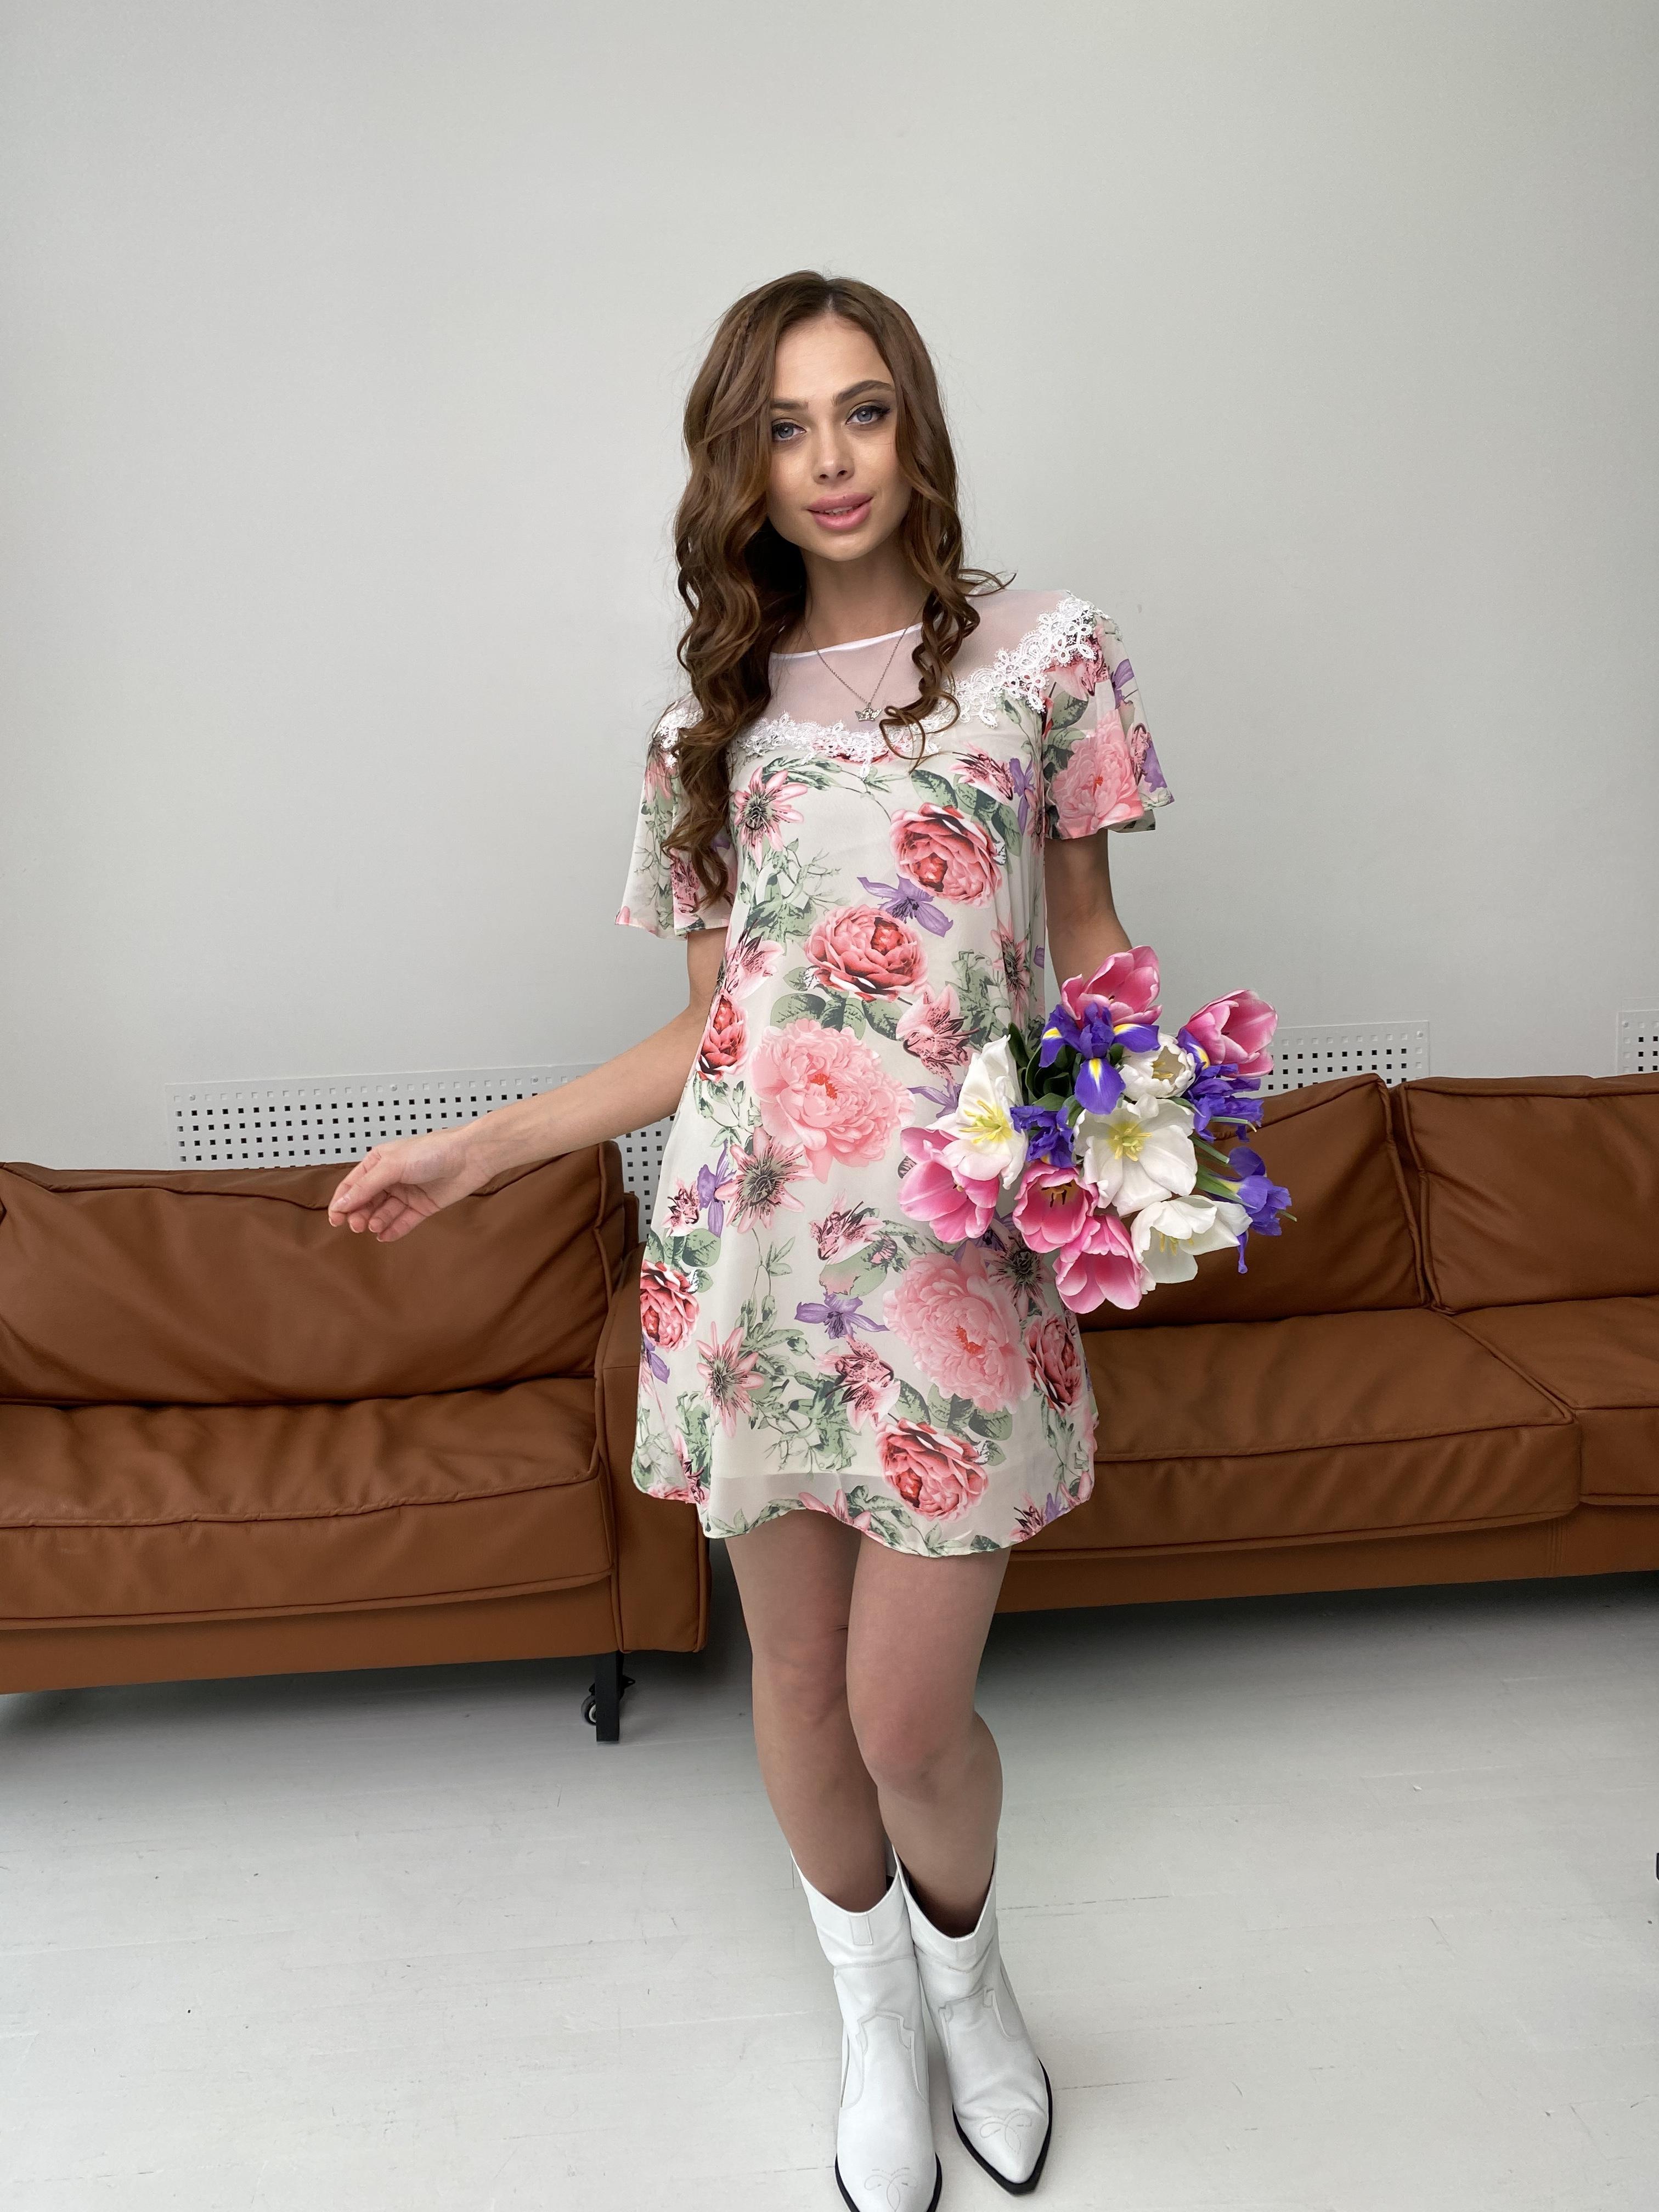 Эри платье из шифона с принтом 7136 АРТ. 42800 Цвет: Цветы комби беж - фото 5, интернет магазин tm-modus.ru